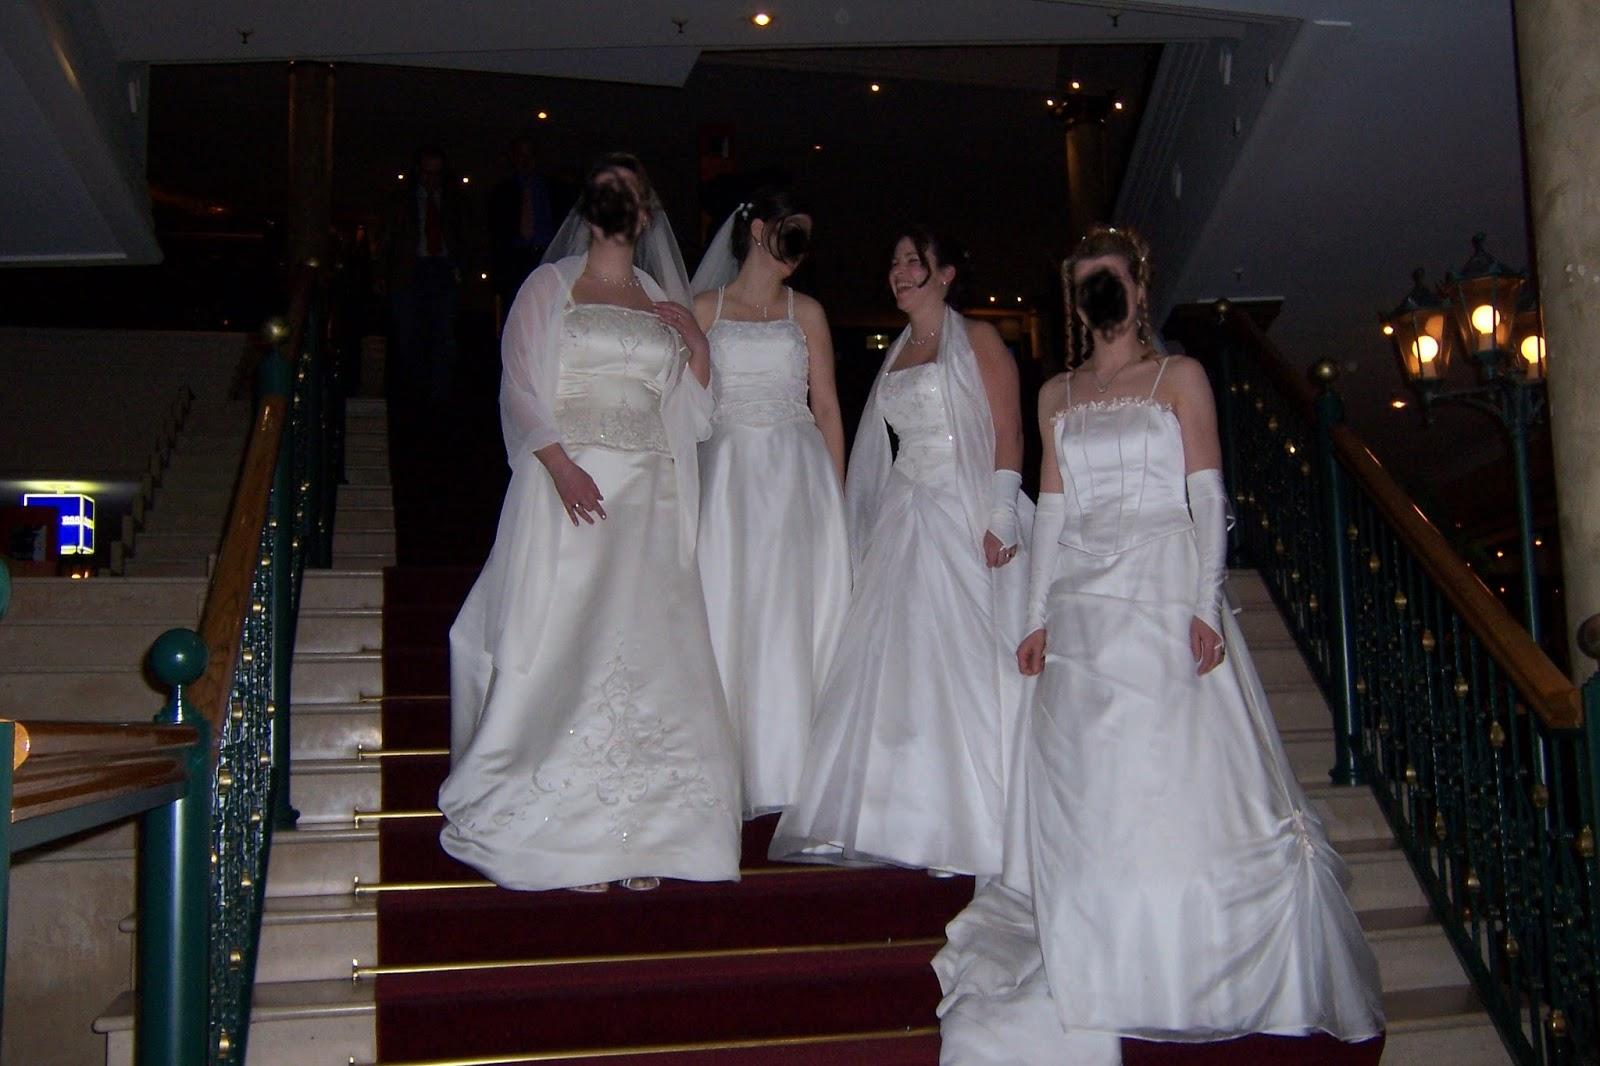 Hochzeitsspecial Gastbeitrag Tanja Brautkleiderbälle5